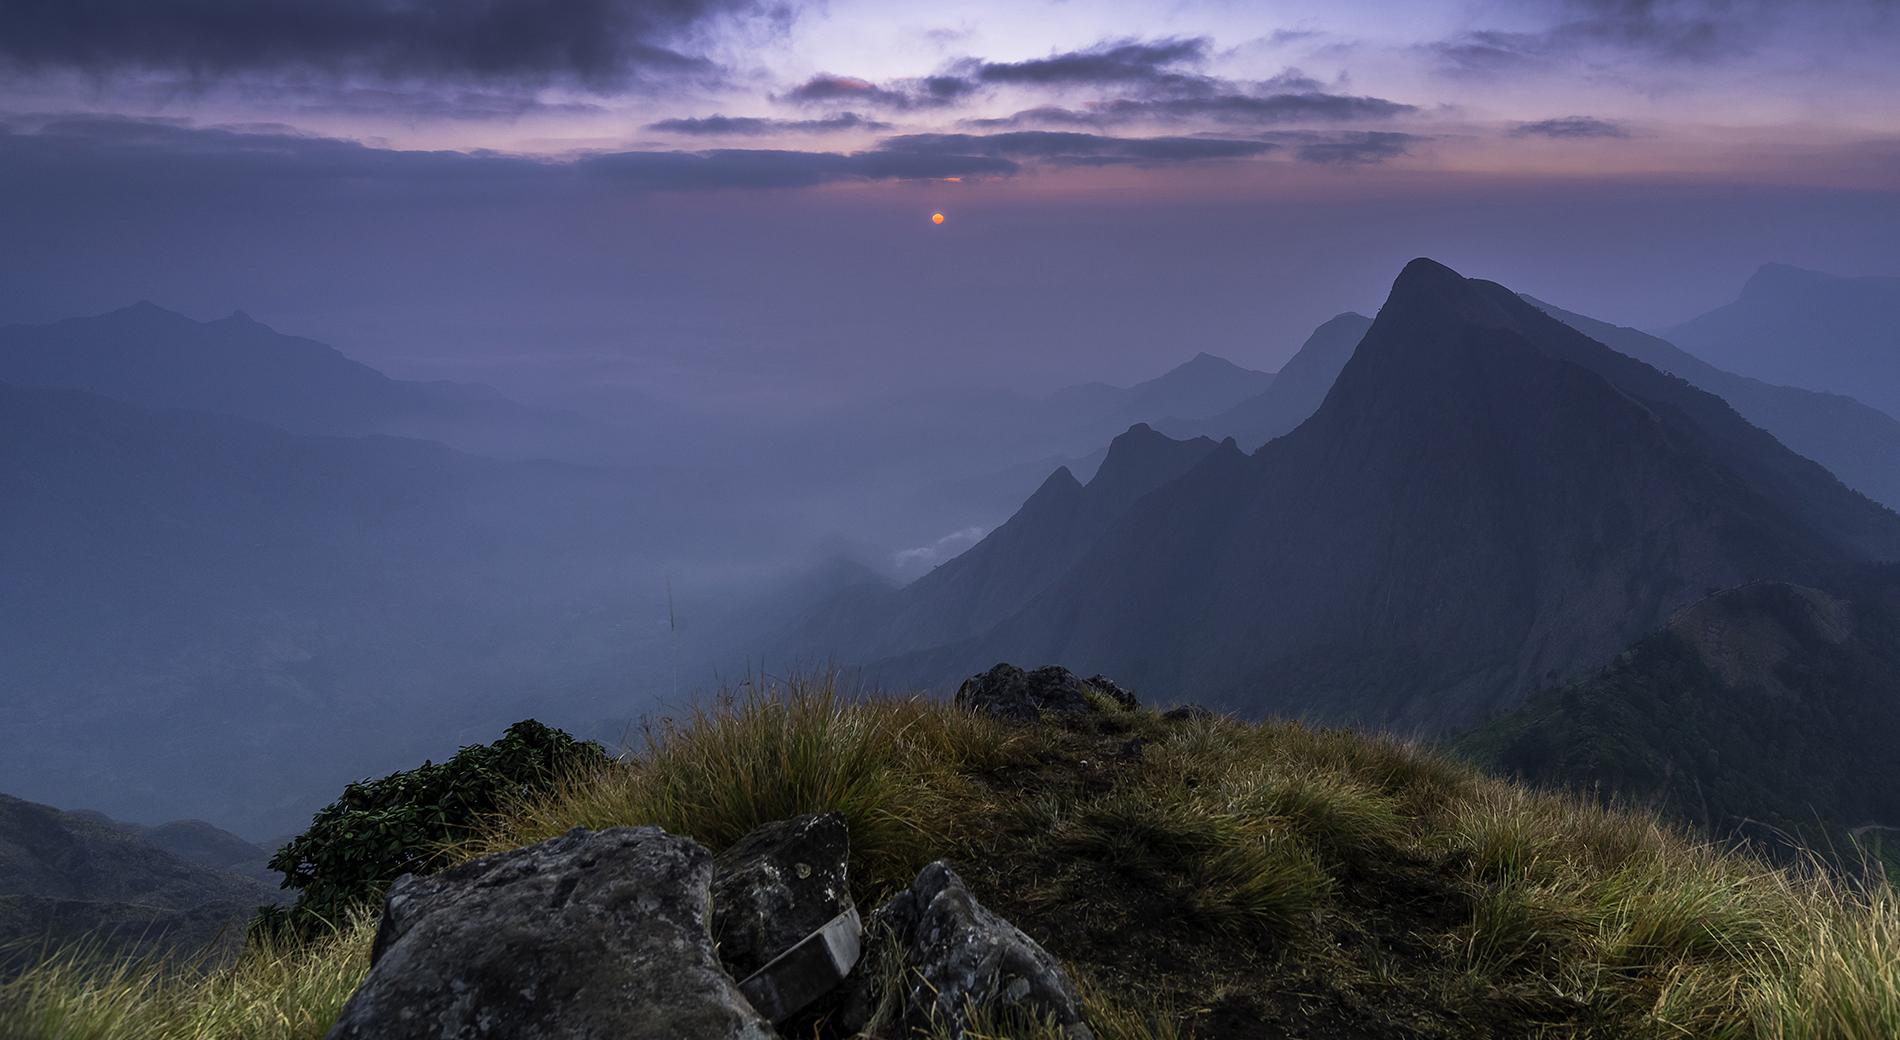 Early morning sunrise at Kolukkumalai, Munnar, Kerala